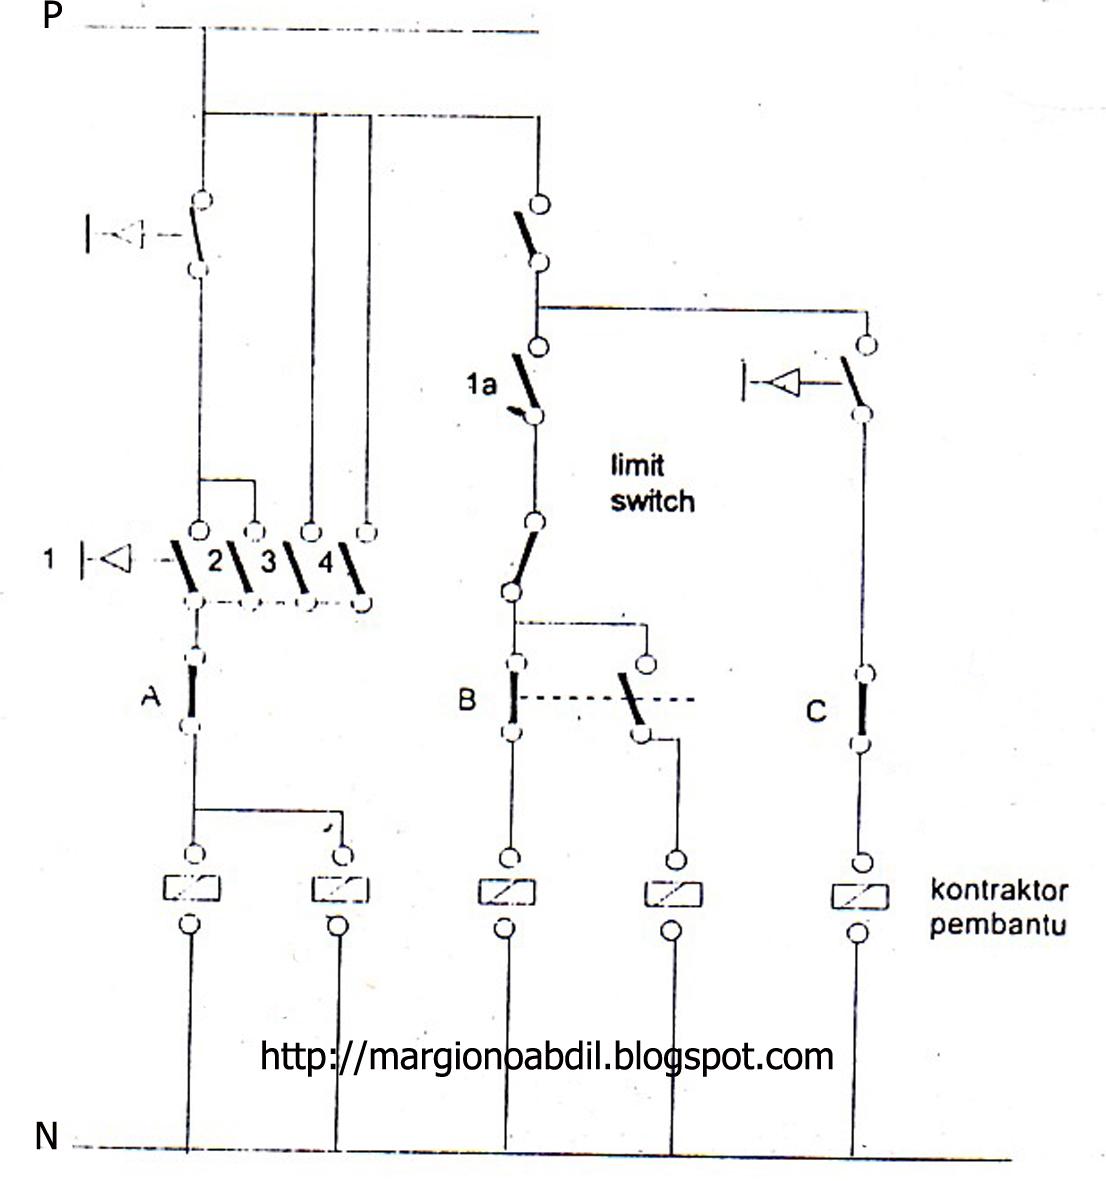 Abu Rizky Ahmad   Pengendalian Beberapa Motor Induksi 3